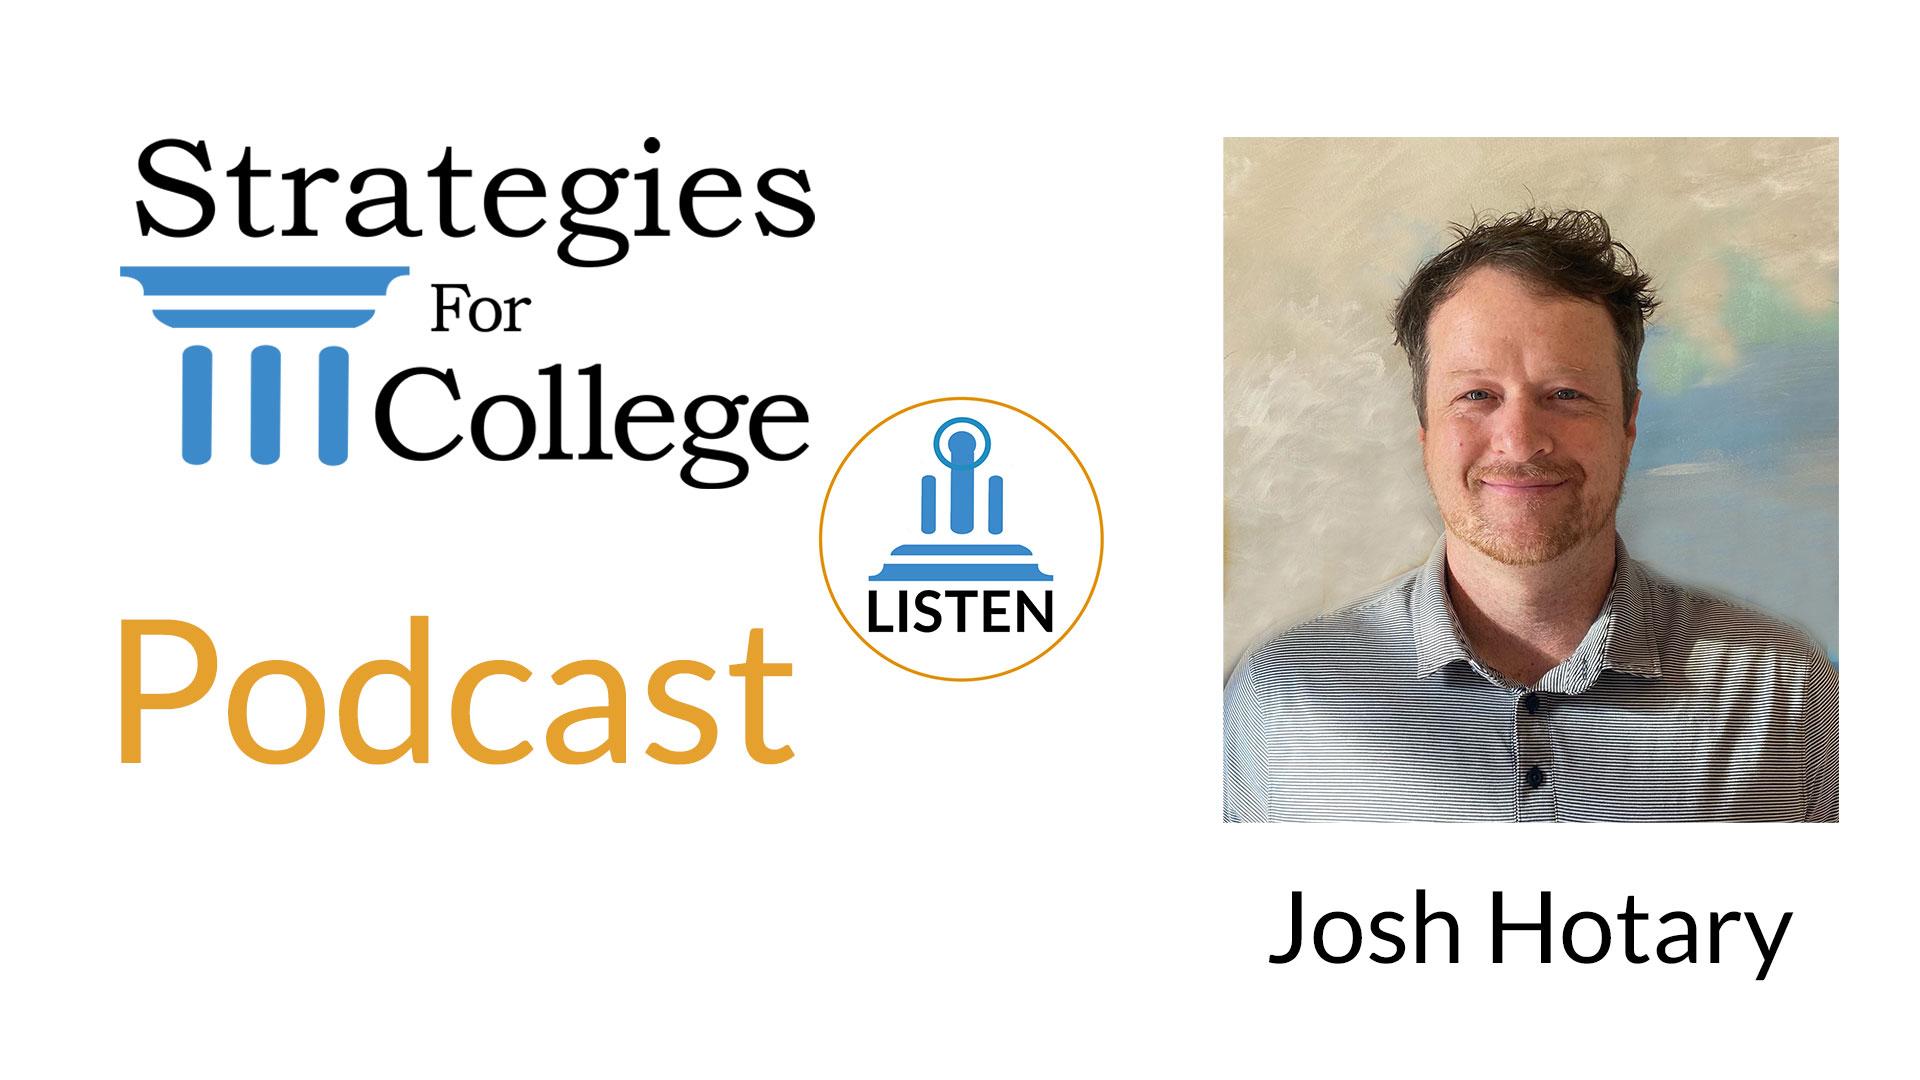 Podcast: Josh Hotary